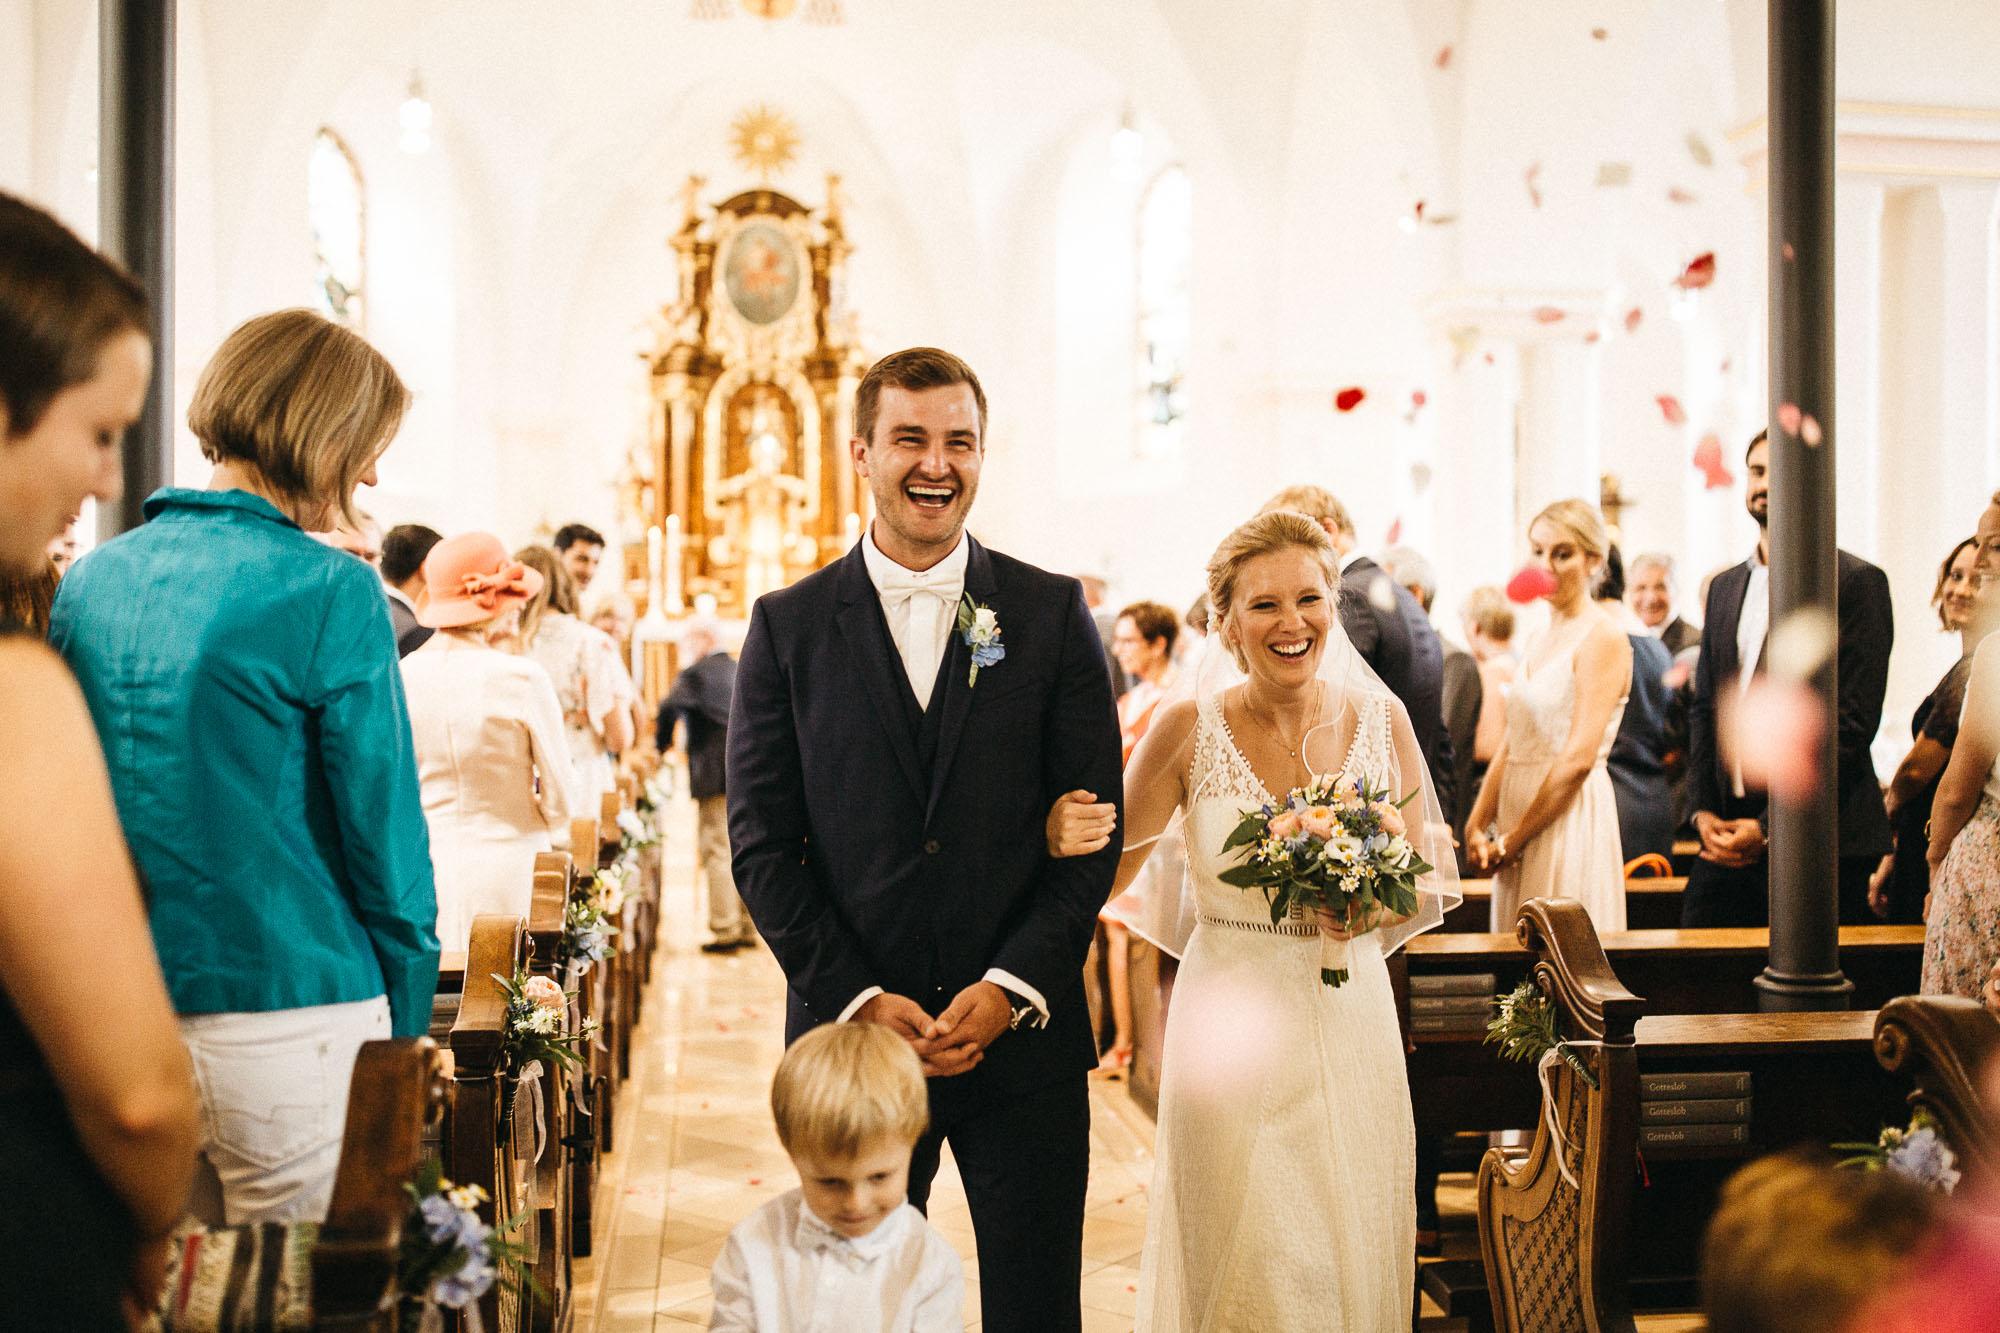 raissa simon photography wedding mosel kloster machern love authentic 229 - Kathrin + Dominik